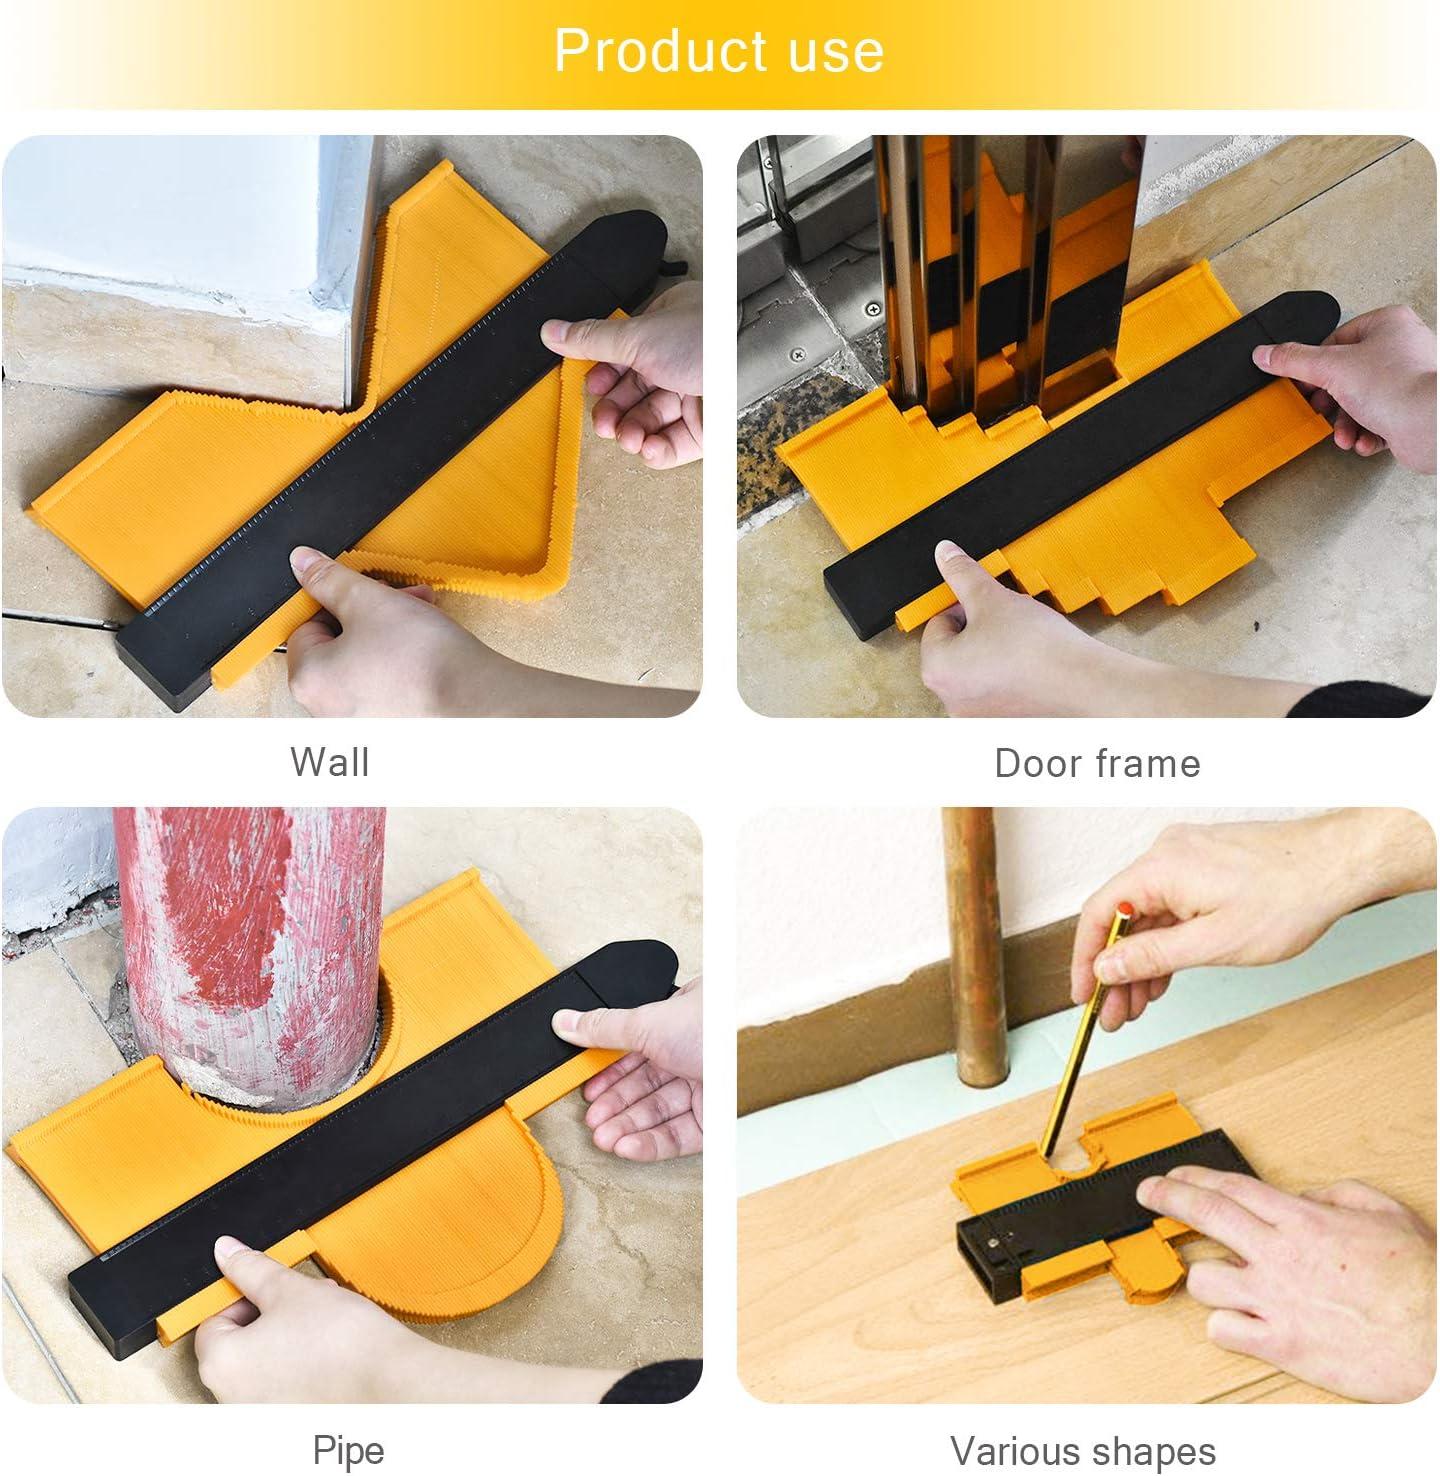 Calibrador de contornos Widen con bloqueo pl/ástico amarillo 25 cm medidor de duplicaci/ón de contorno con formas irregulares para medir esquinas y contorneadas